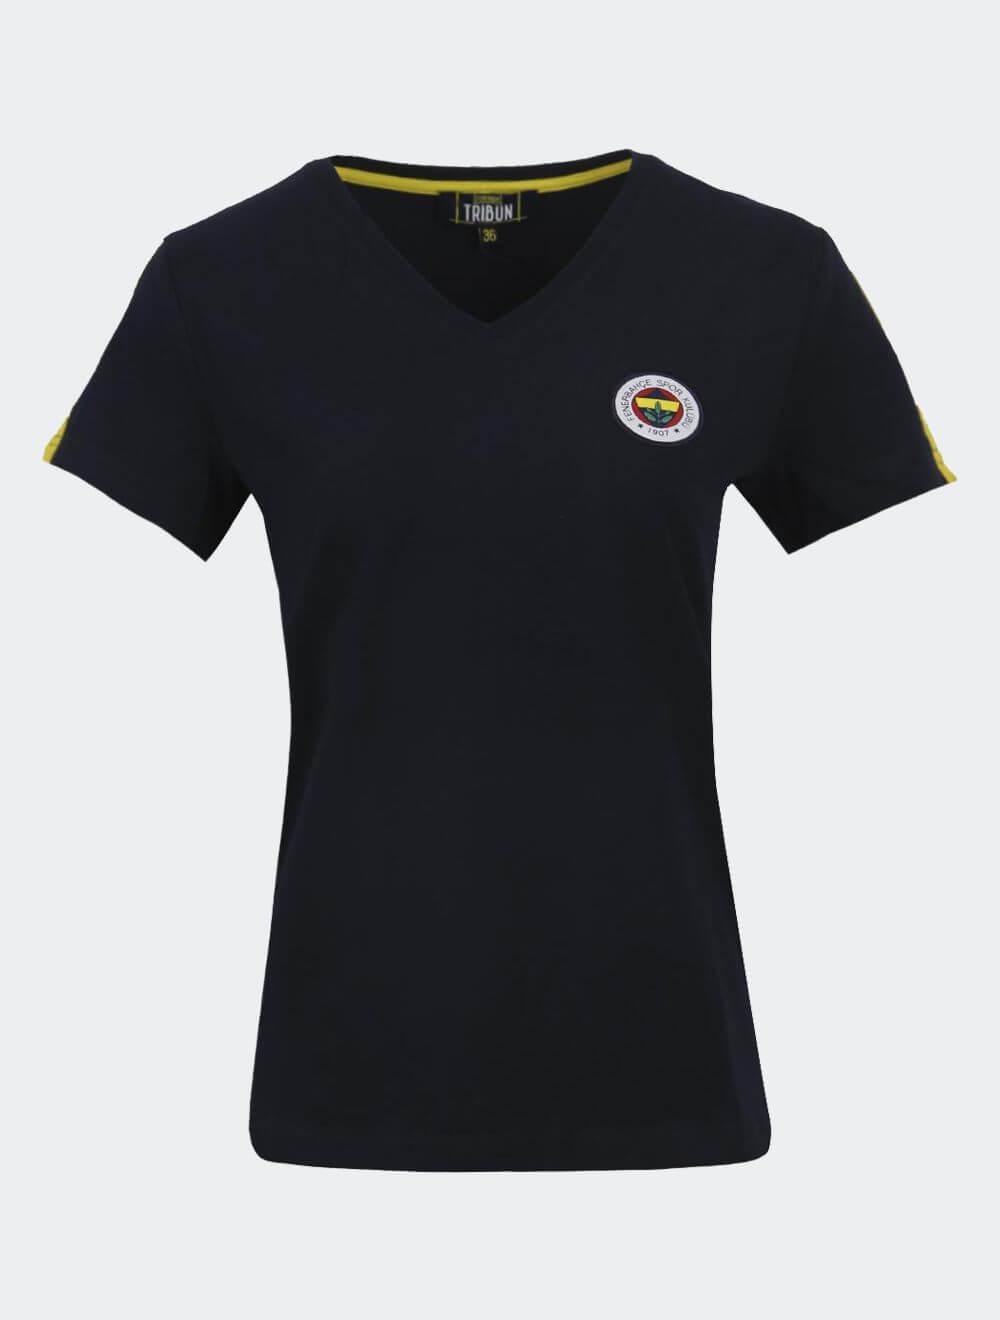 Kadın Lacivert Tribün Basic T-Shirt